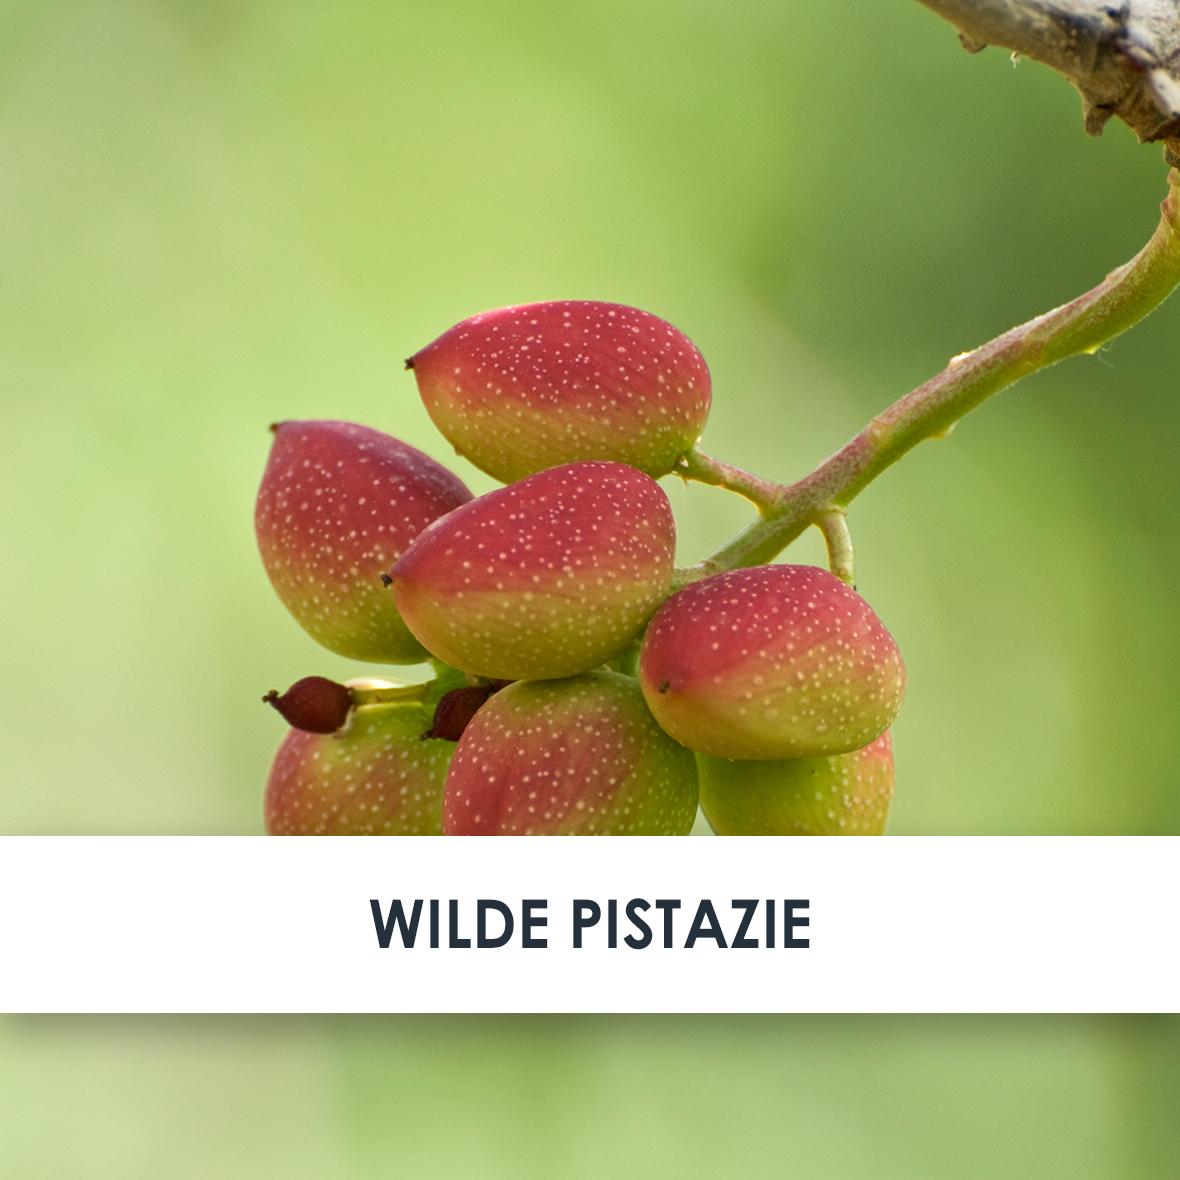 Wirkstoff Wilde Pistazie